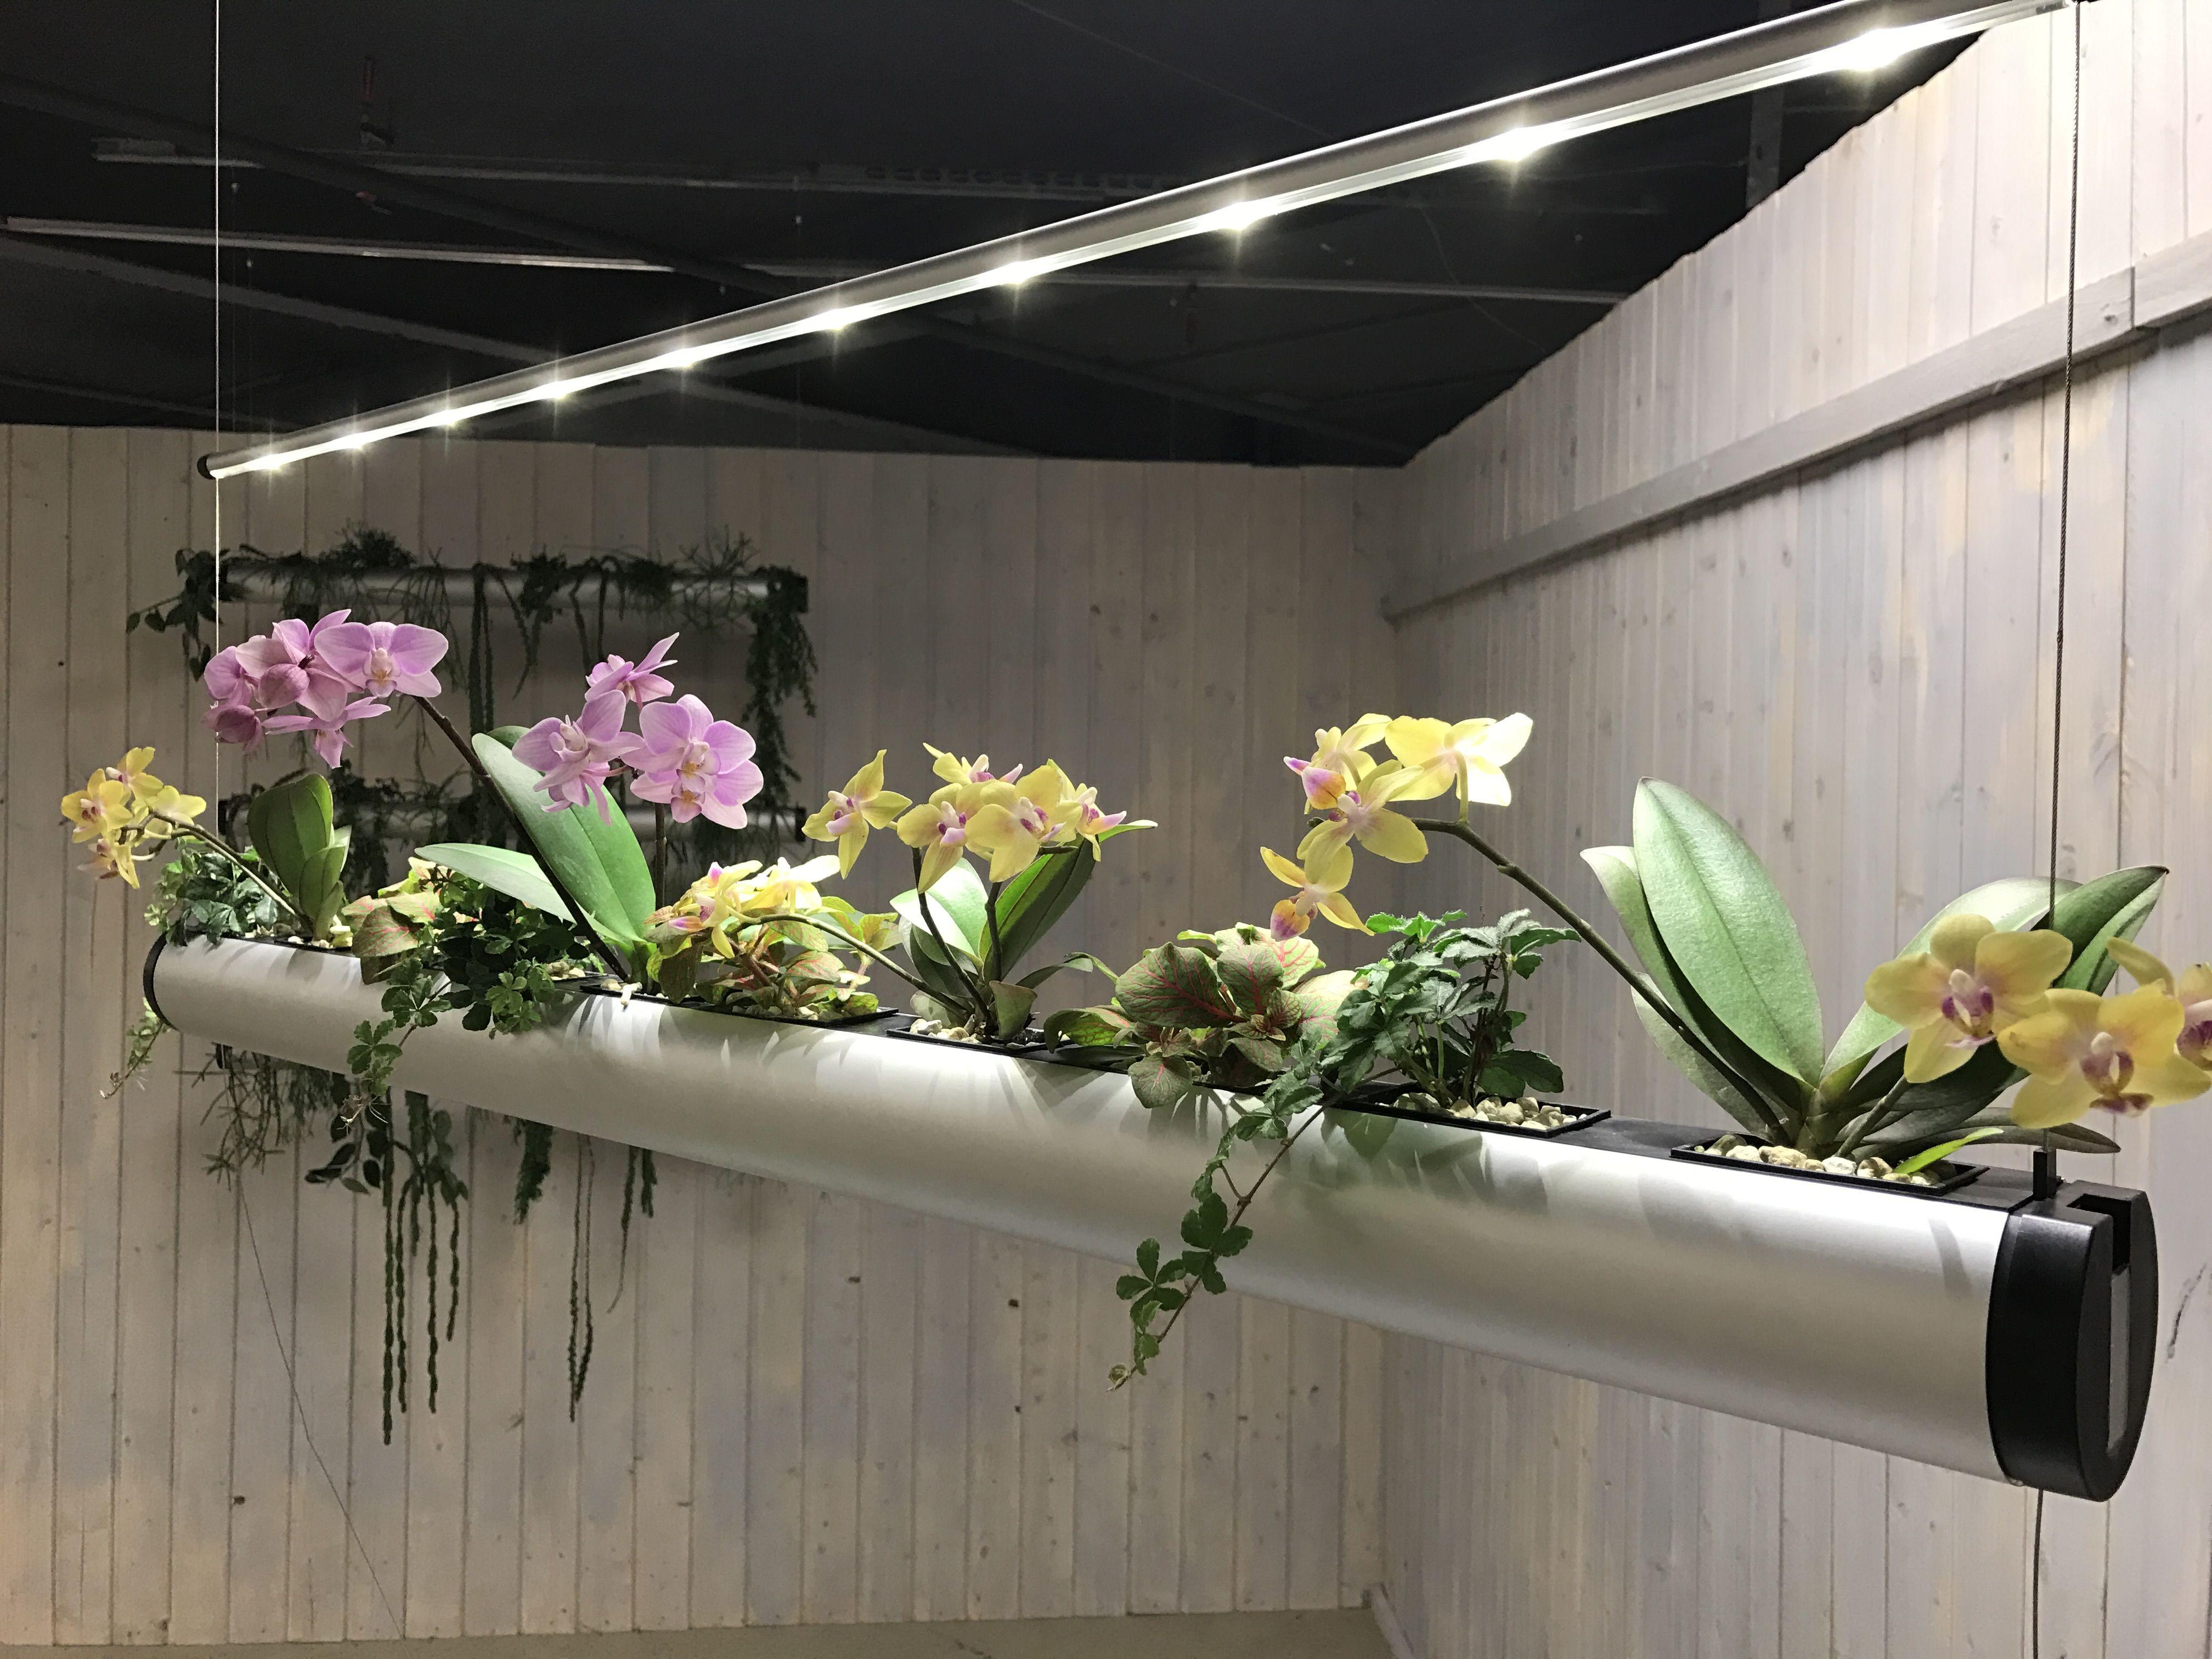 pendualris mit orchideen und led licht ideal f r einen modernen empfang oder das wohnzimmer. Black Bedroom Furniture Sets. Home Design Ideas